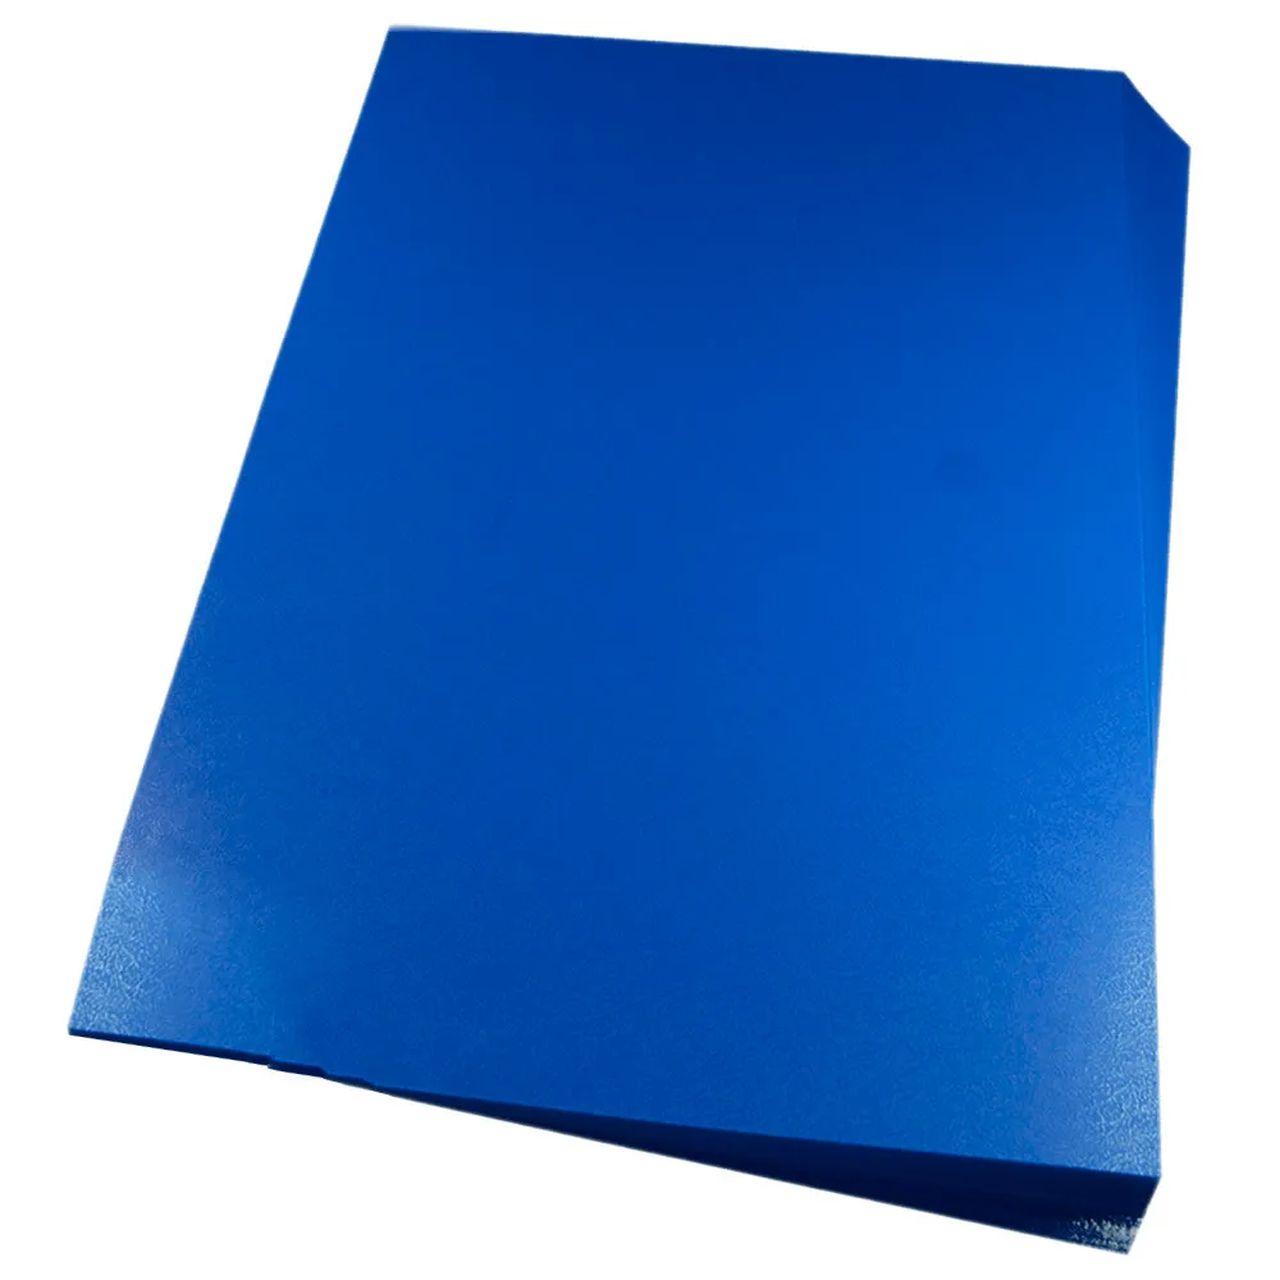 Capa para encadernação A4 Azul PP Couro 0,30mm 100un